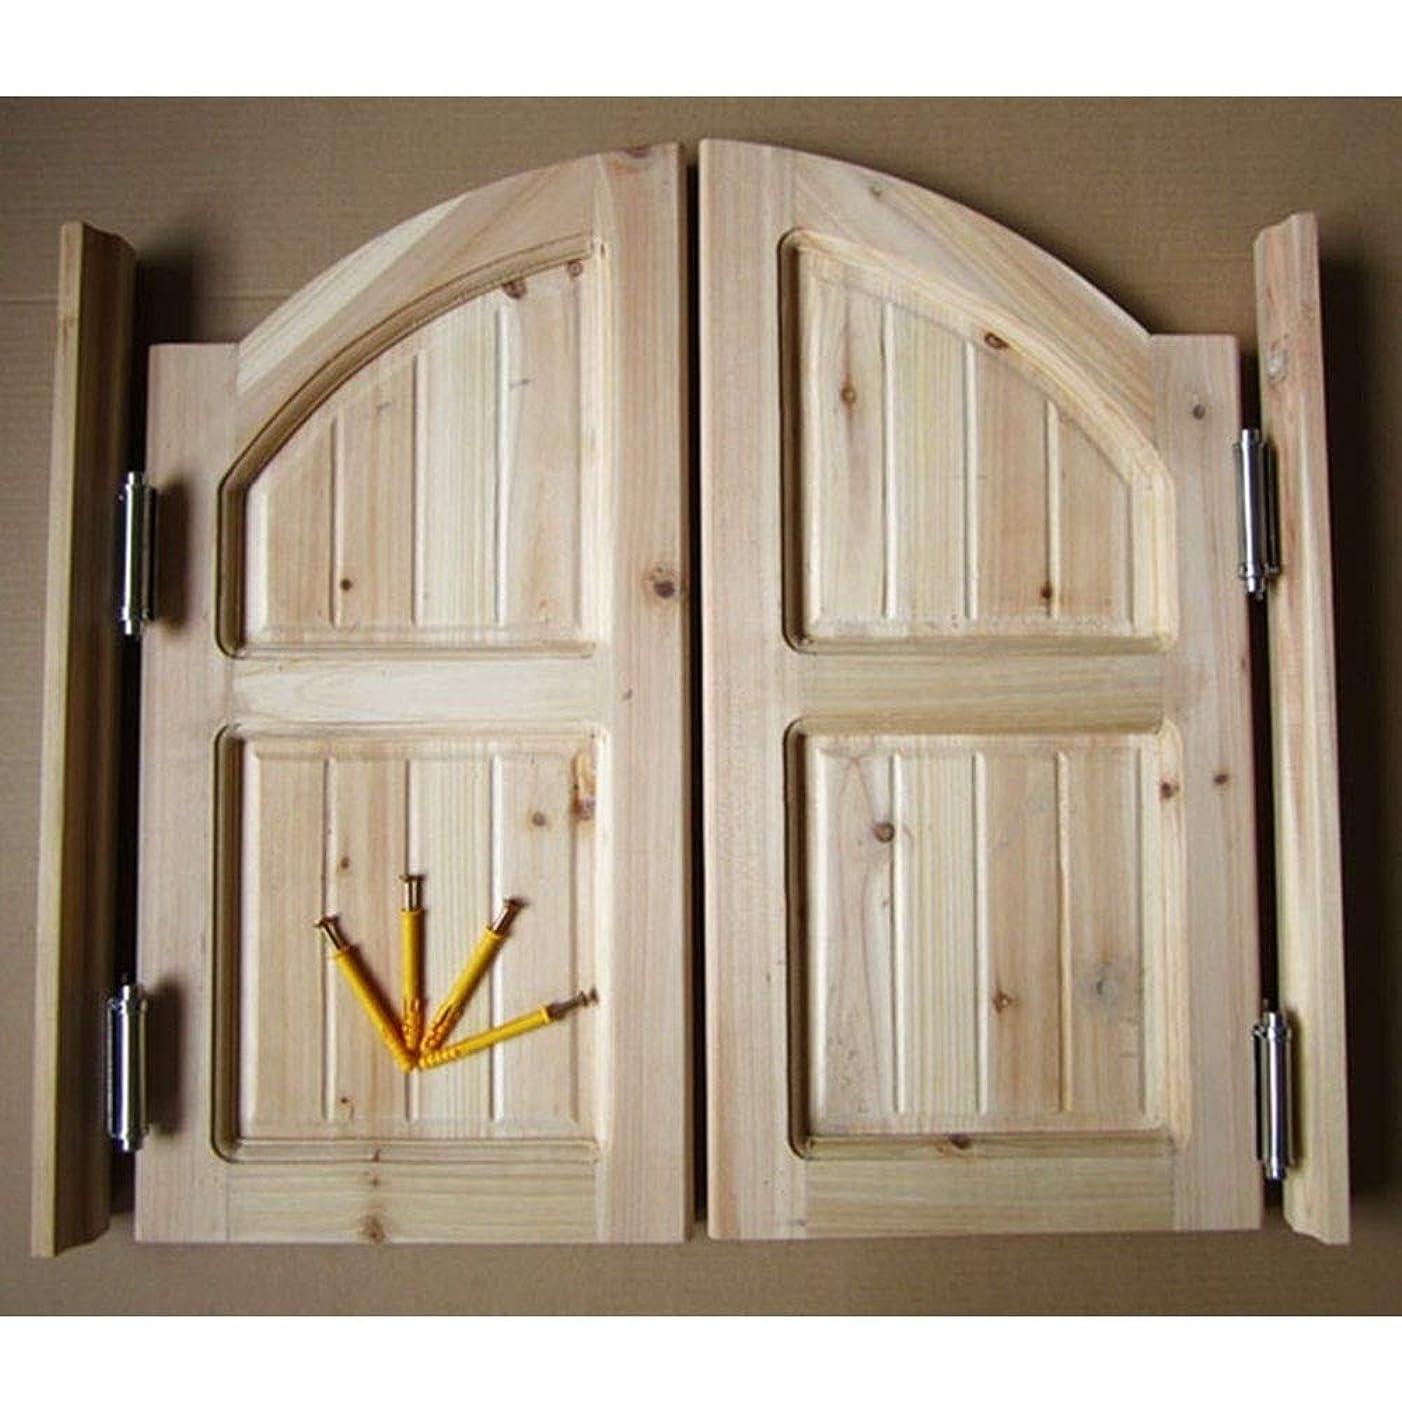 最小スノーケル定刻GuoWei サルーン ドア カフェ ドア 揺れる ドア エントランス 戸口 飲食店 キッチン つかいます、 ヒンジ 含まれ、 サポート カスタマイズ (Color : A, Size : 80x80cm)